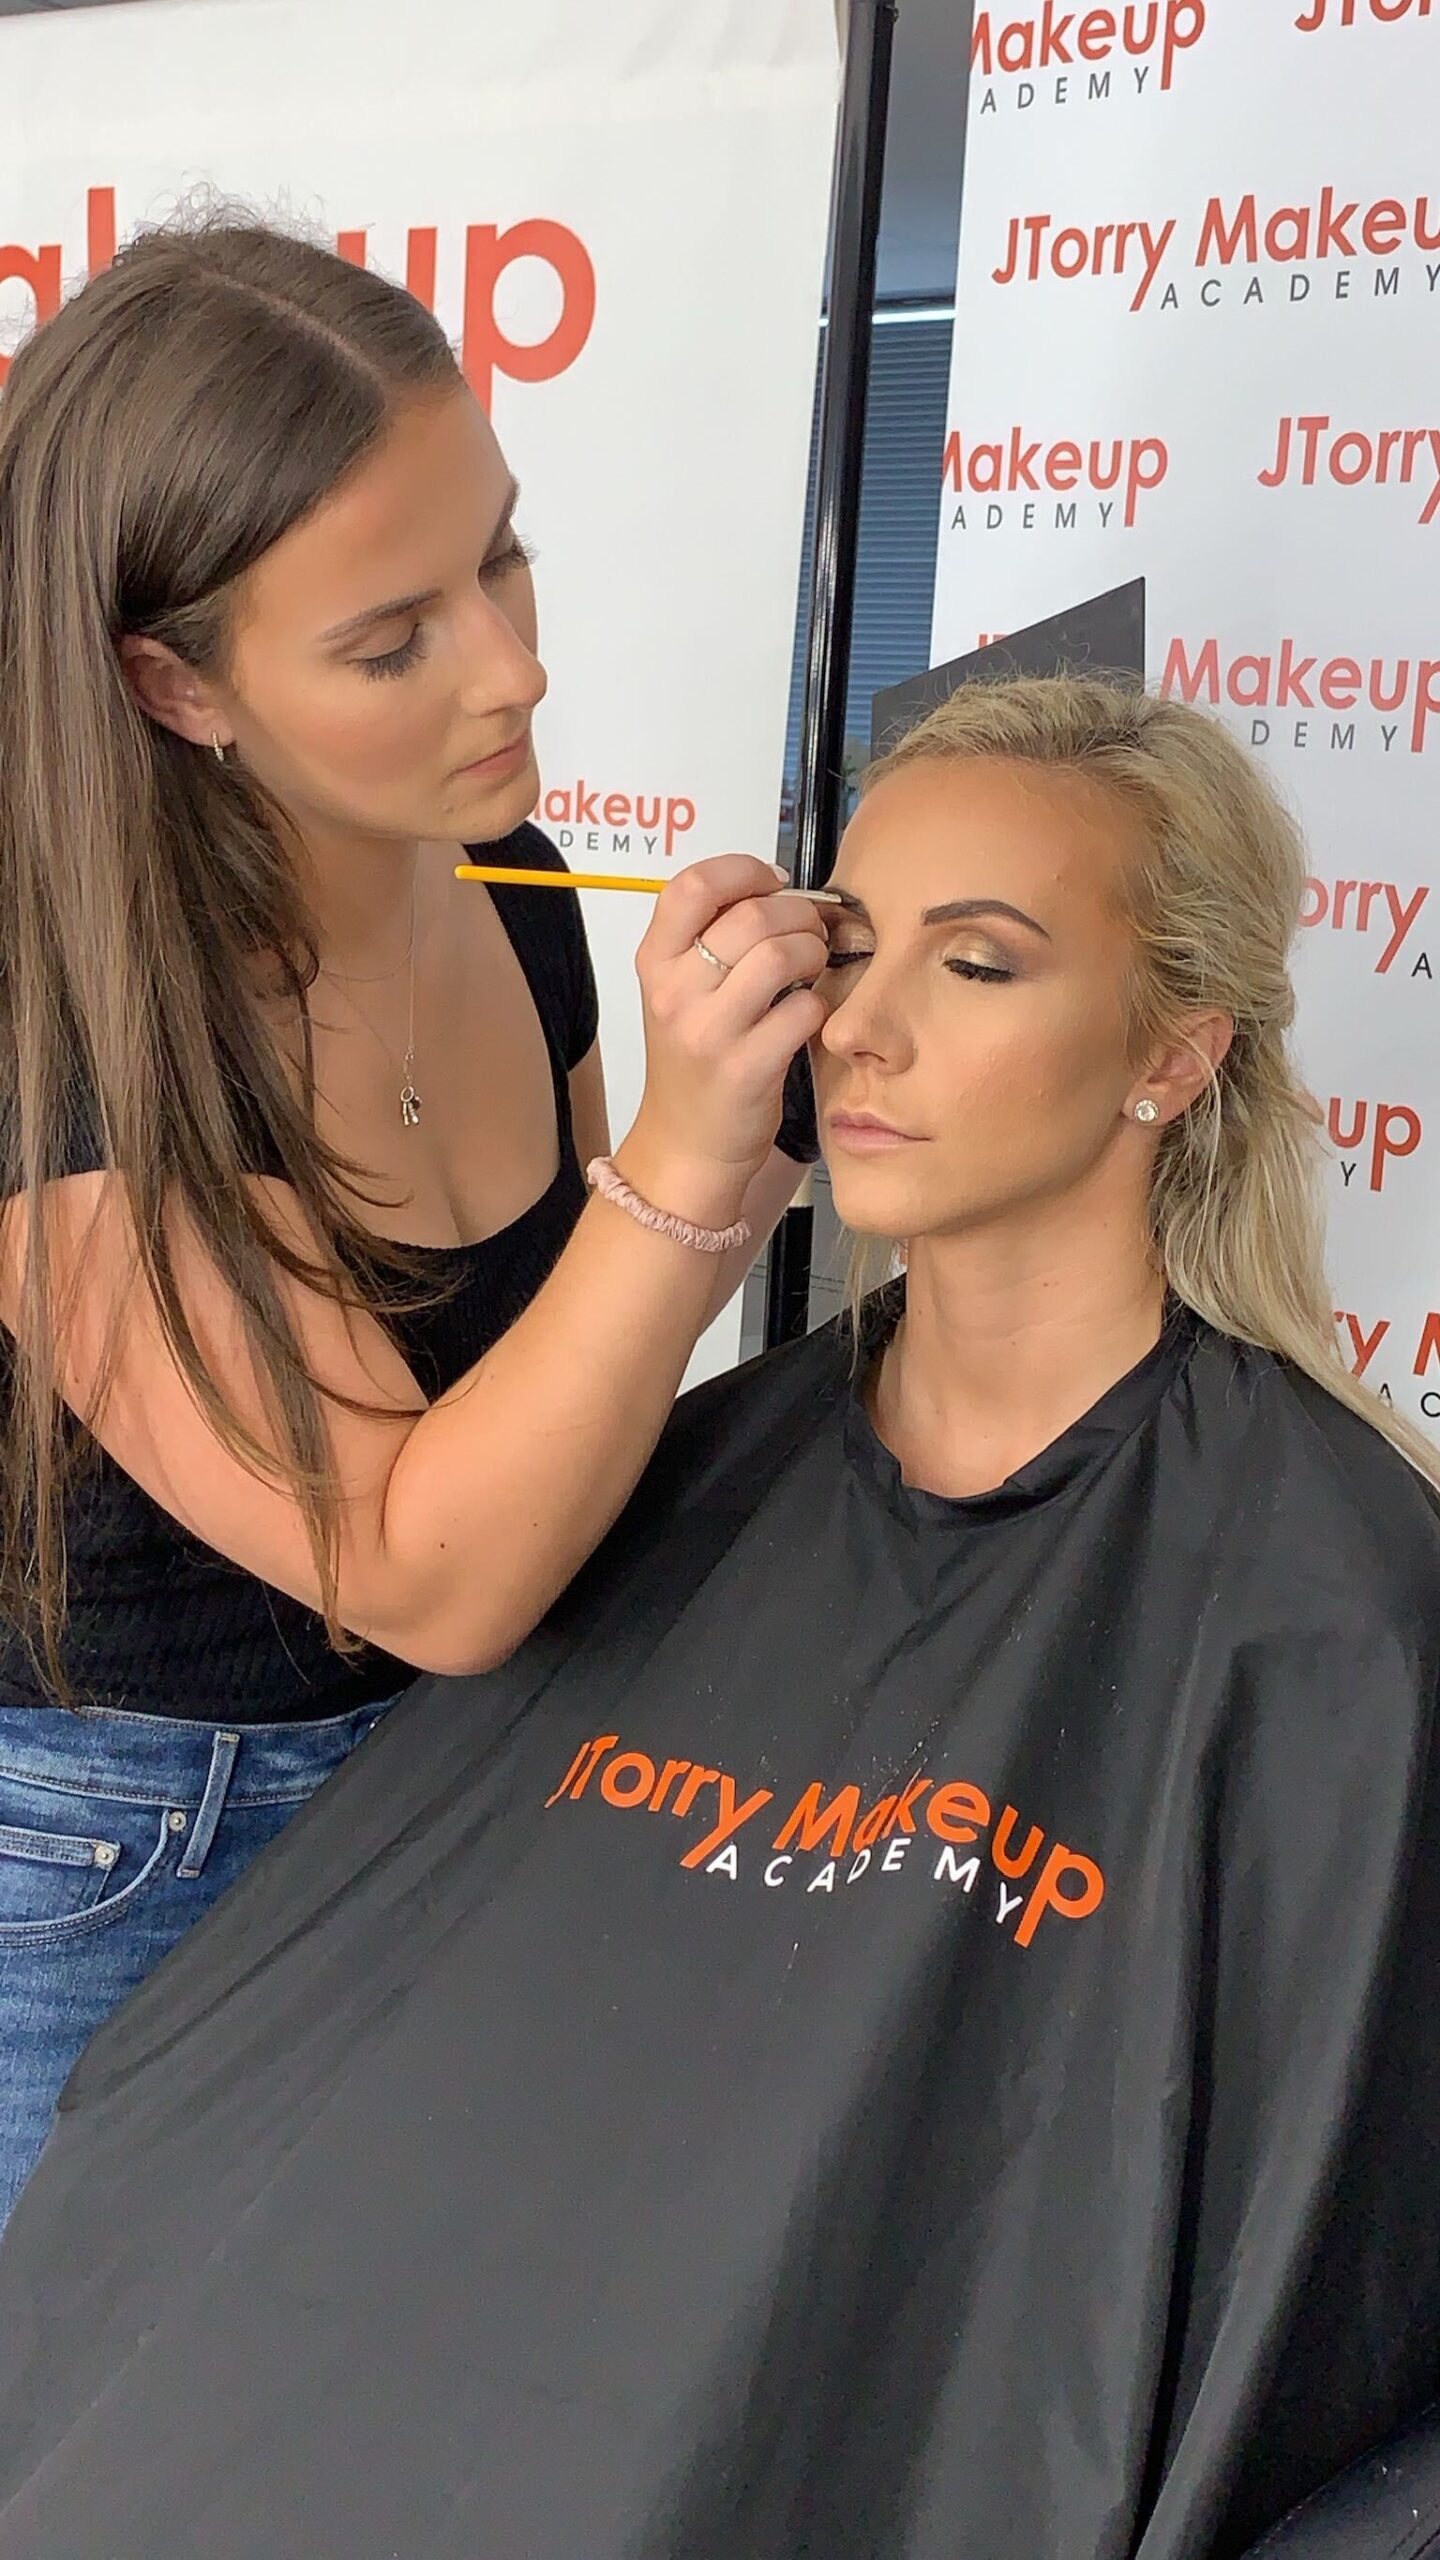 Student doing makeup